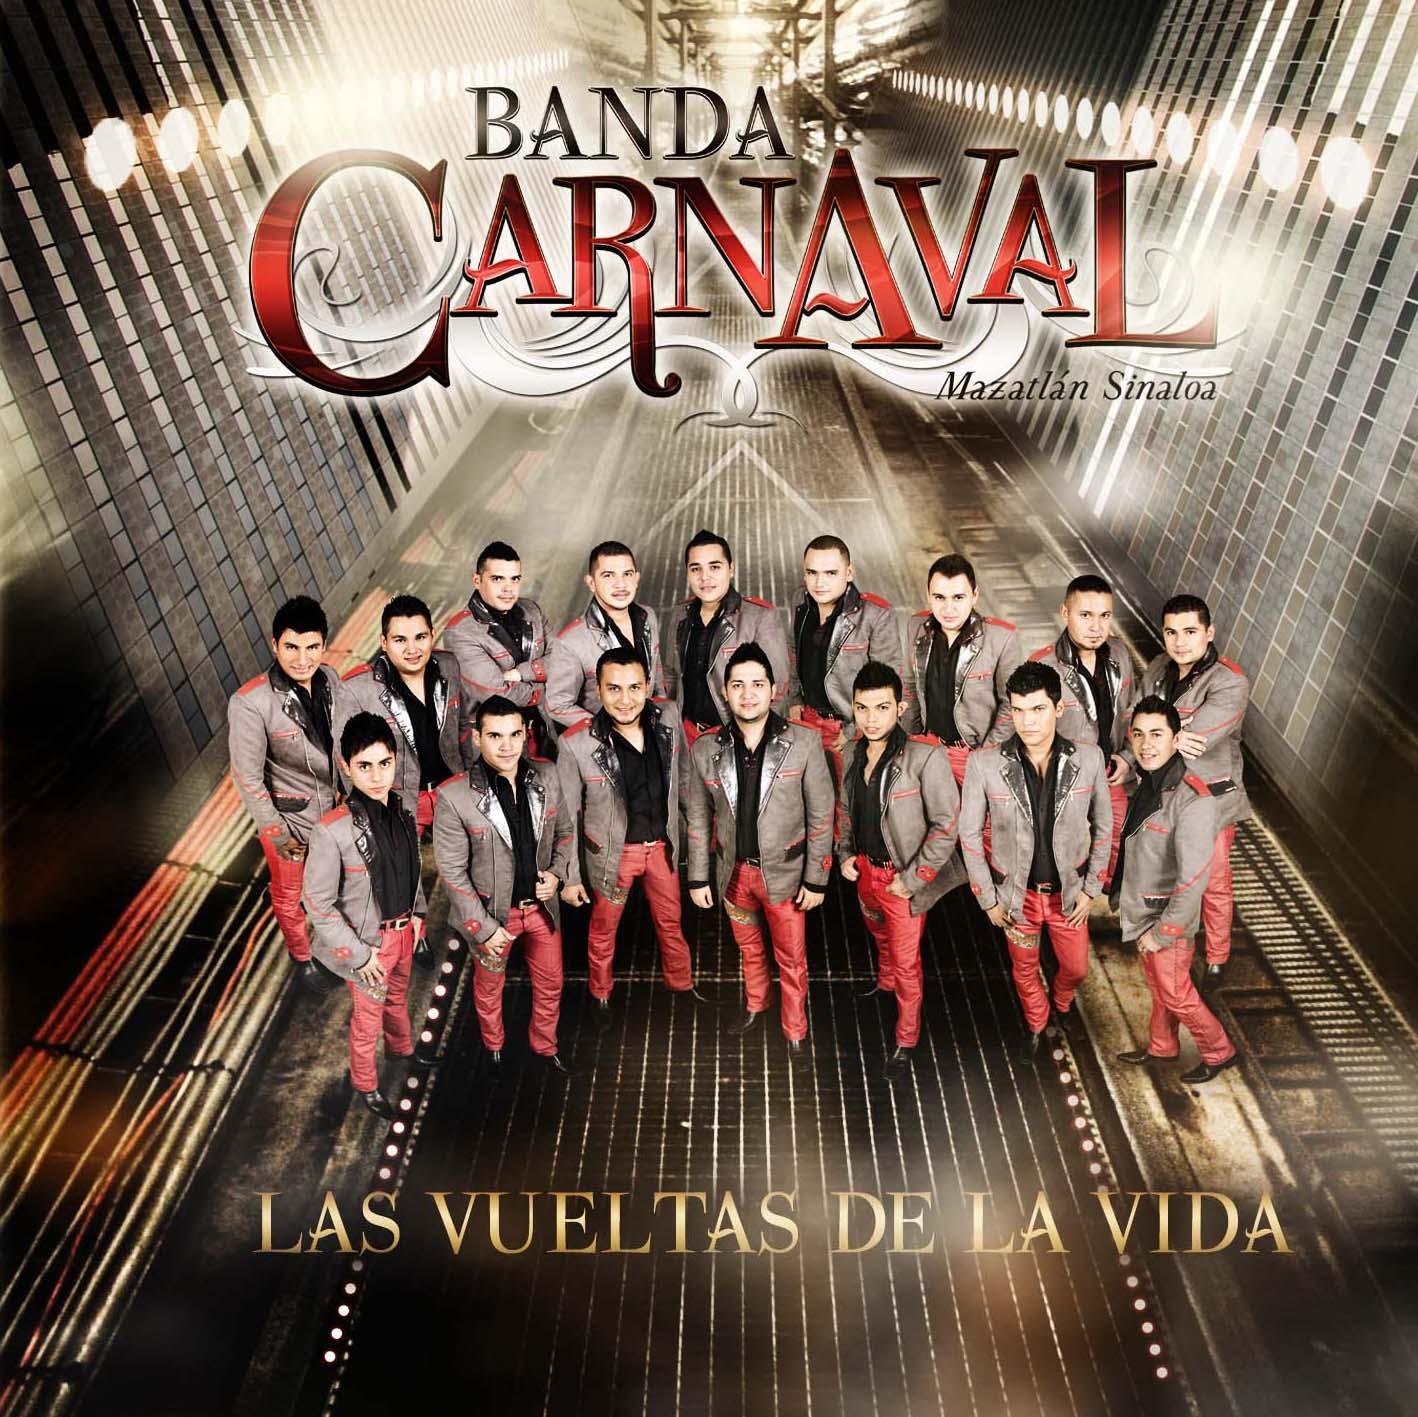 Banda Carnaval Letras